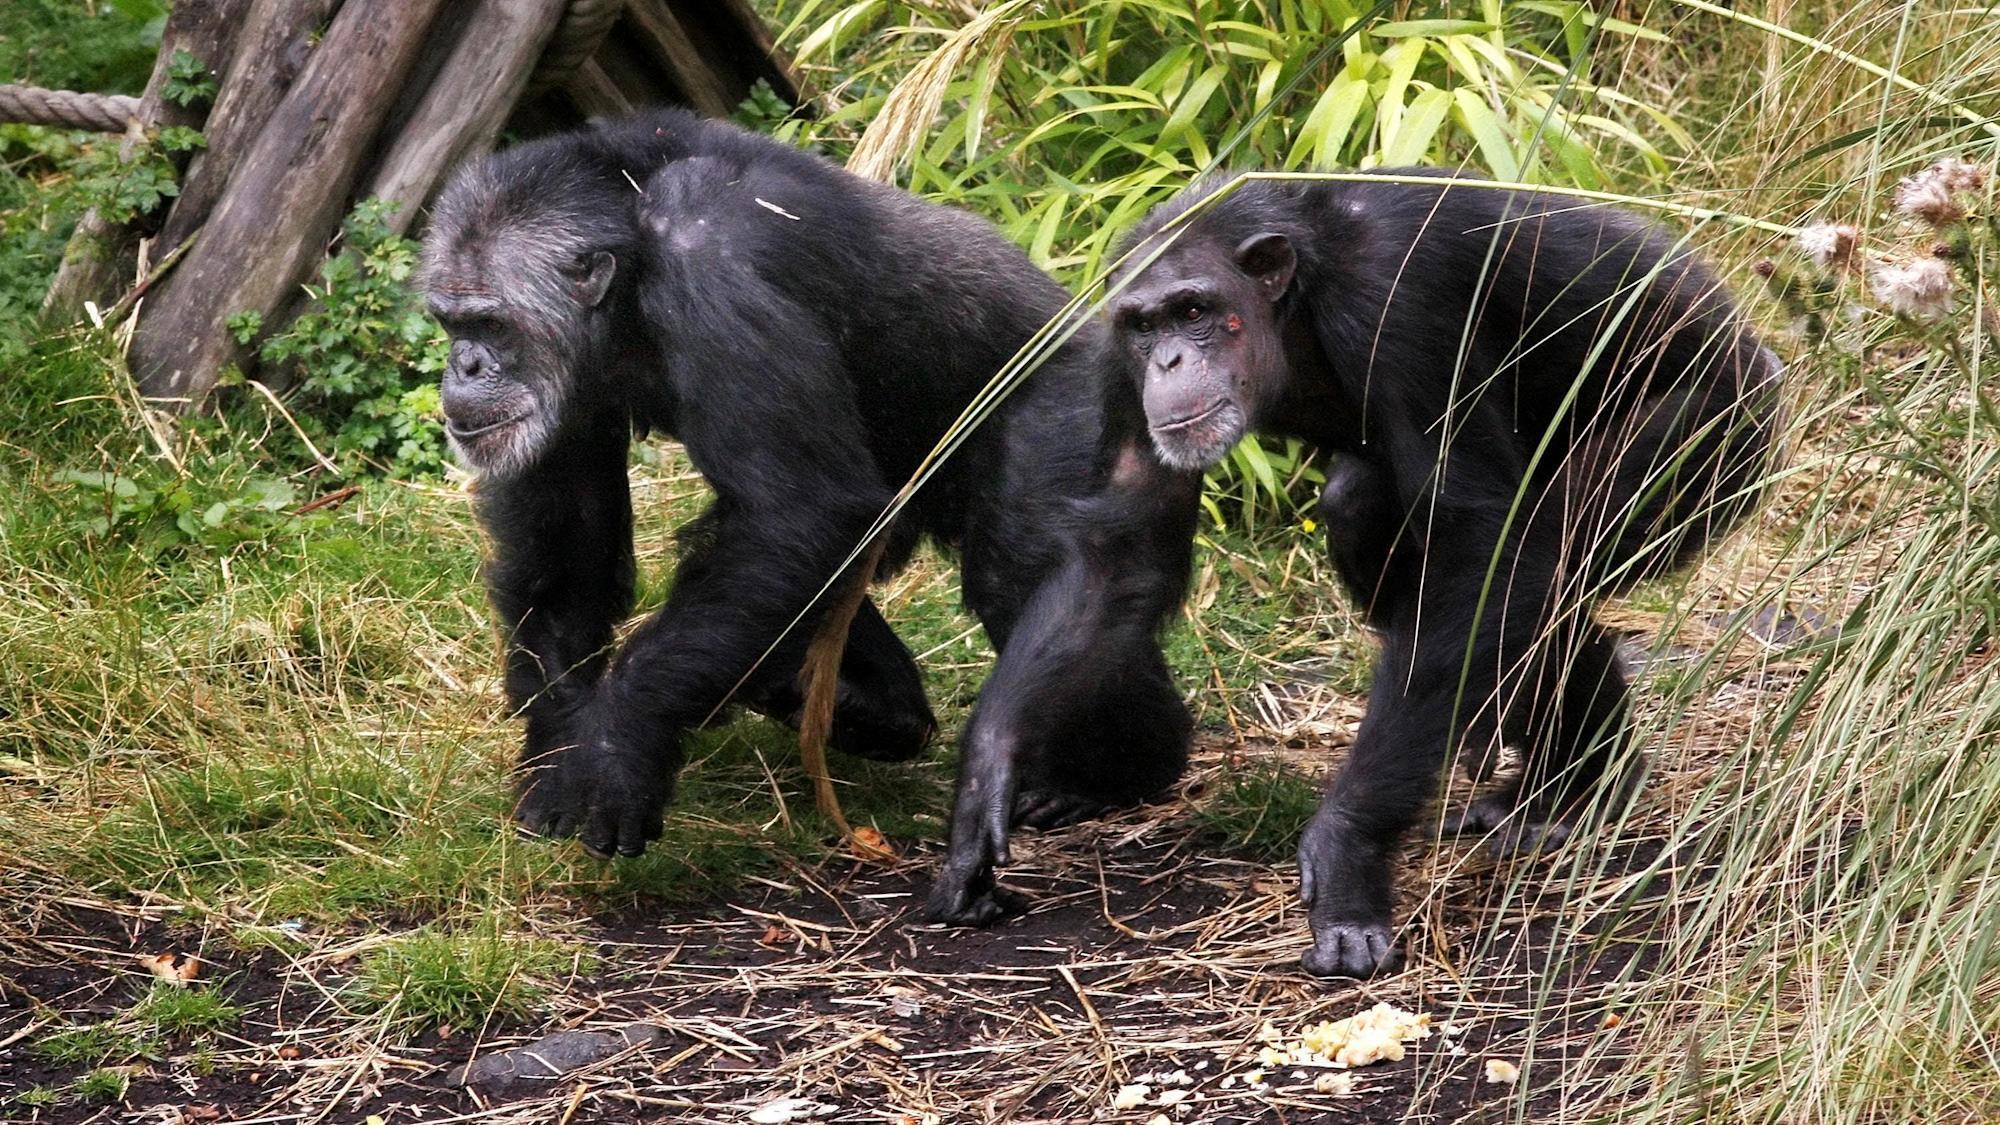 У бонобо и шимпанзе обнаружили приветствия и прощания